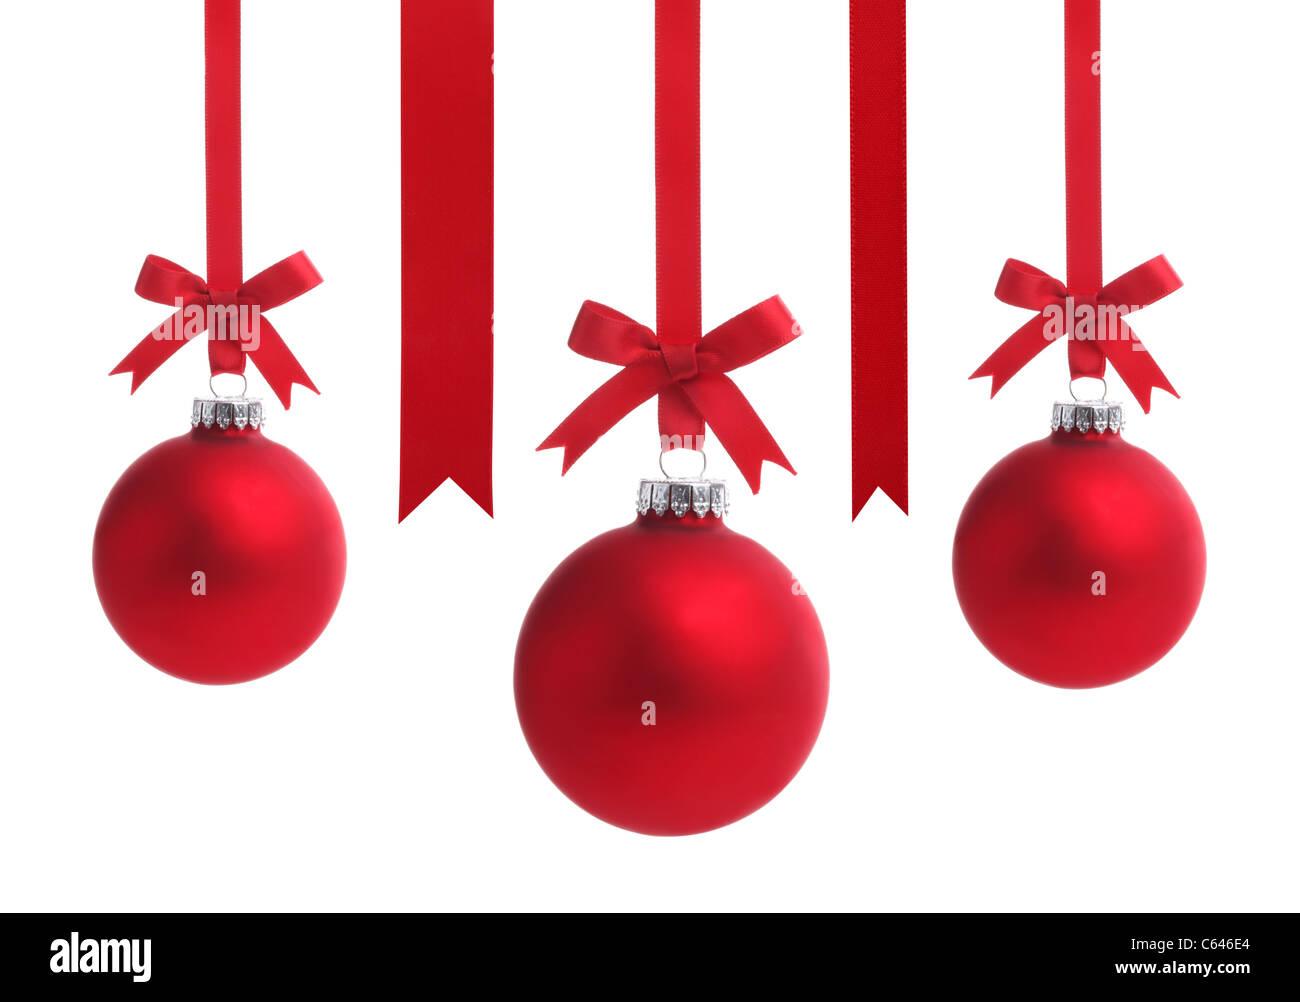 Boule de Noël rouge avec ruban bow,isolé sur fond blanc. Photo Stock